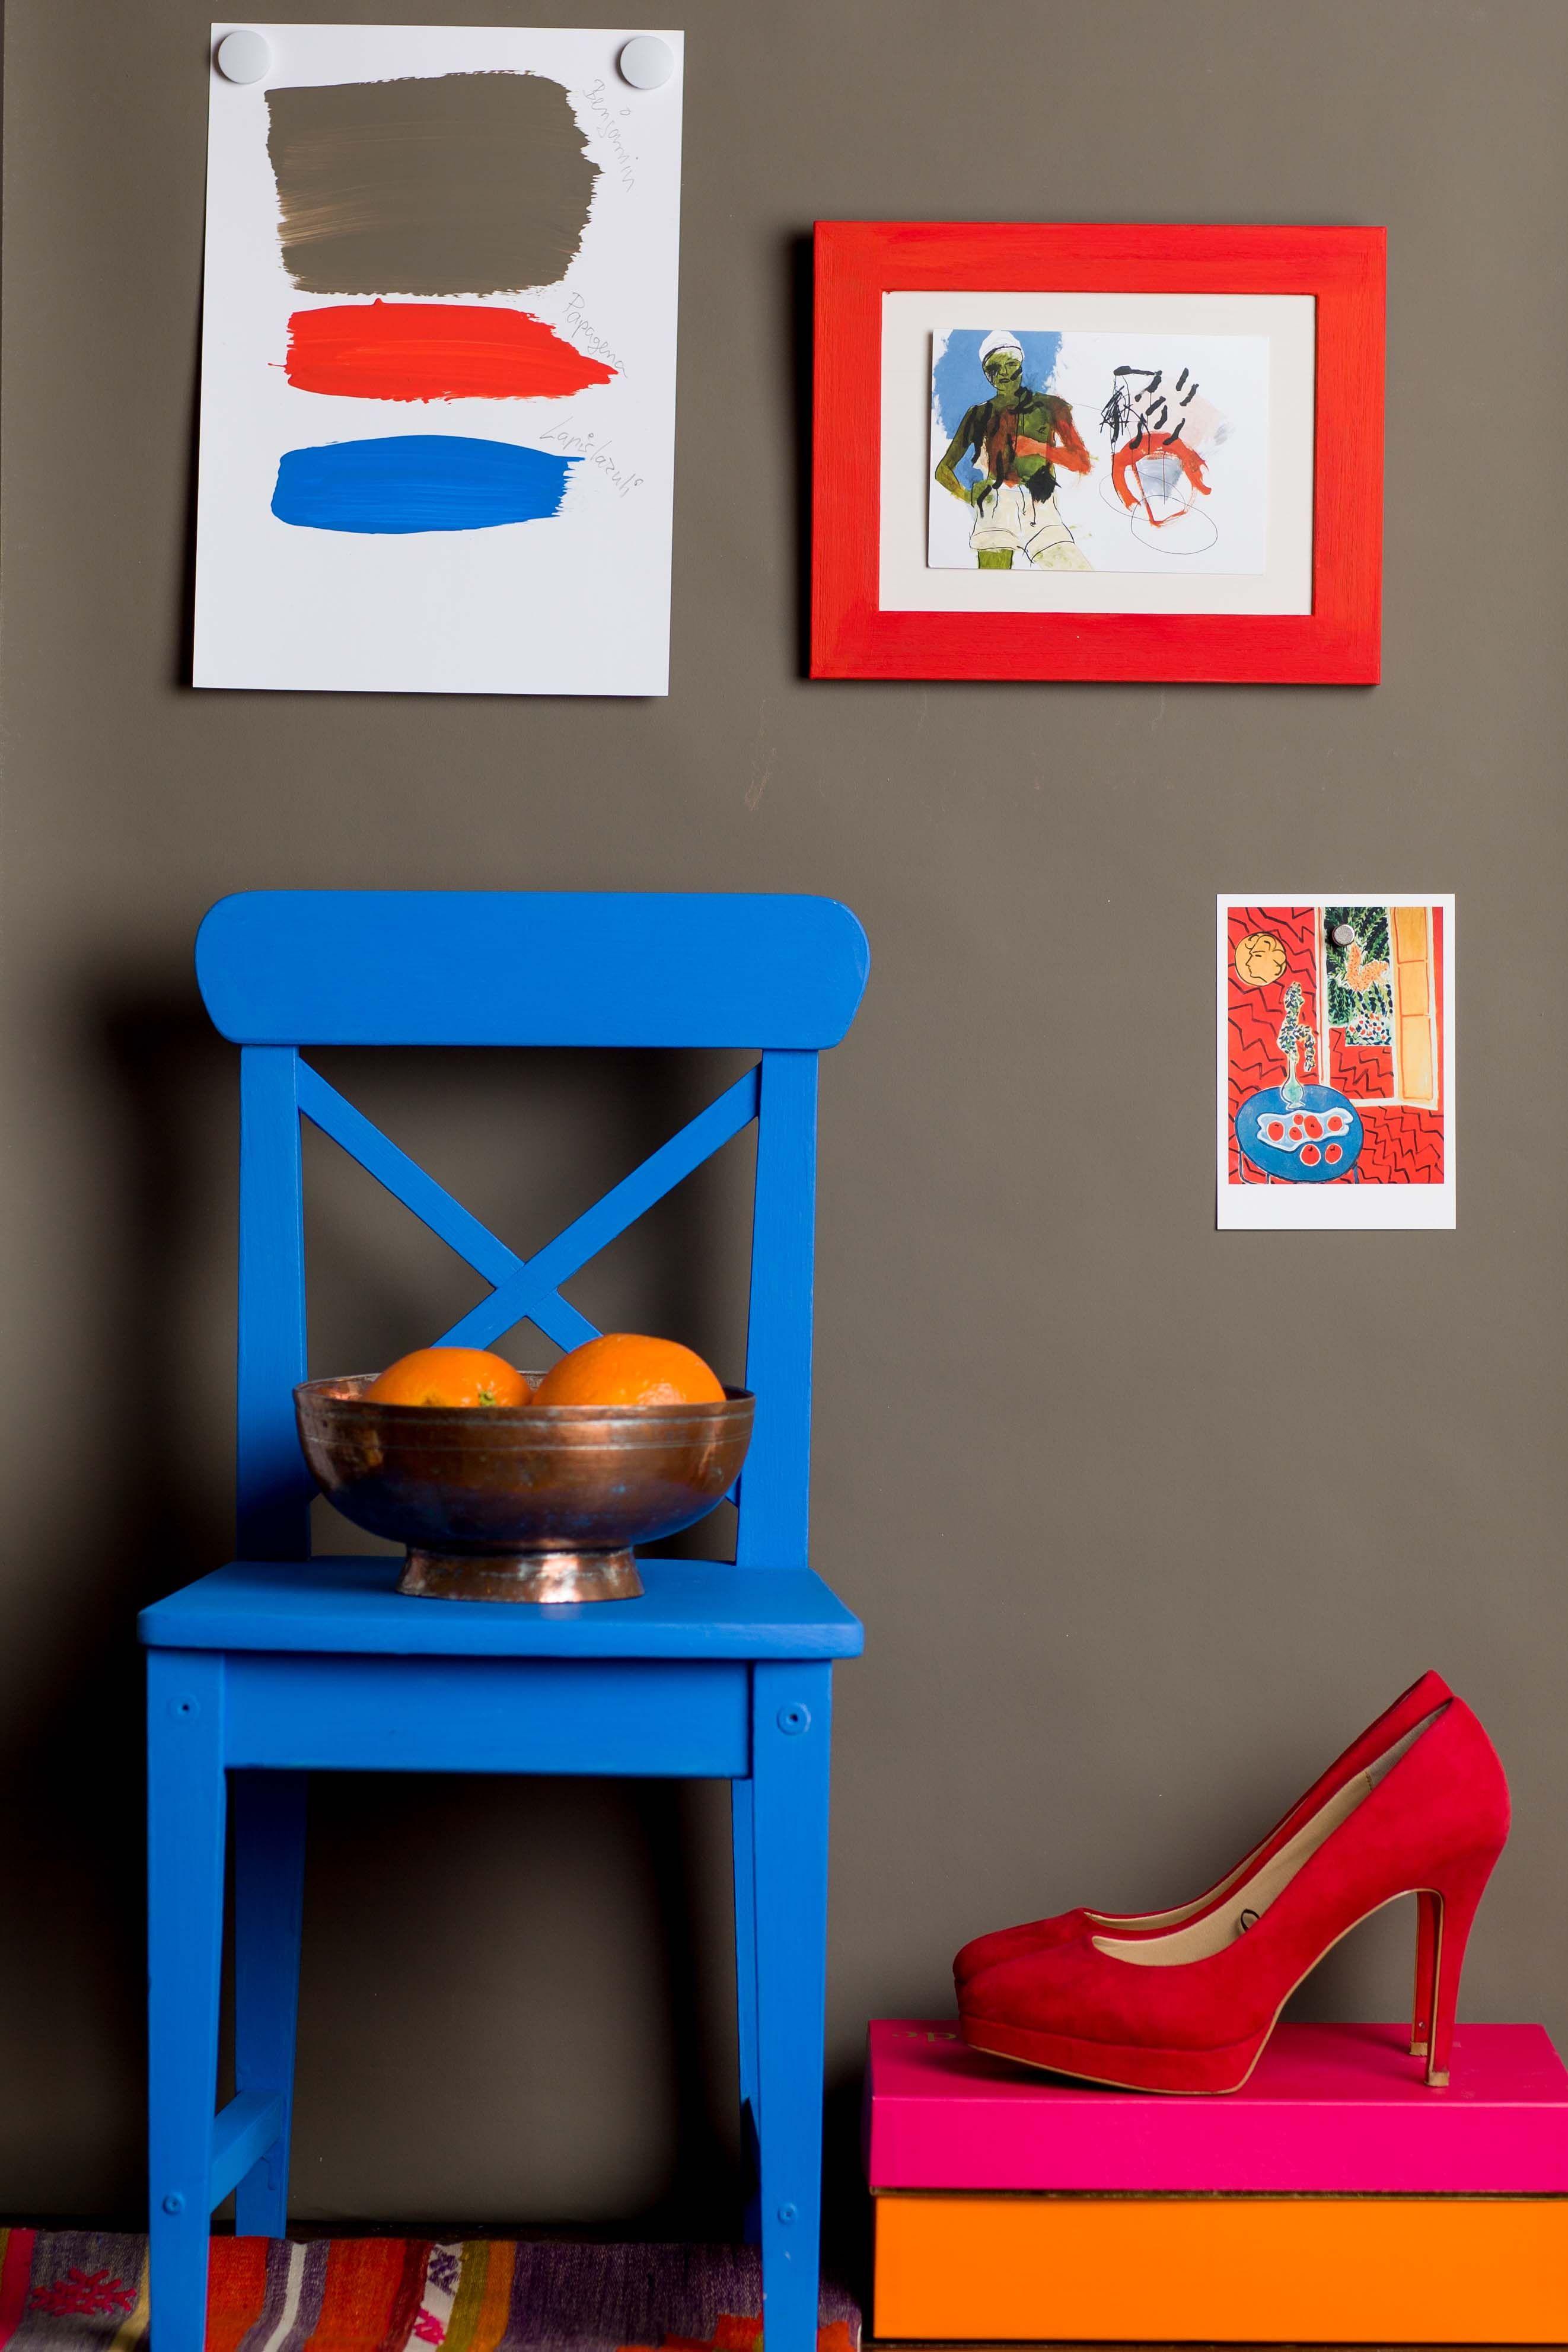 Ansprechend Küchenfarbe Wand Beste Wahl